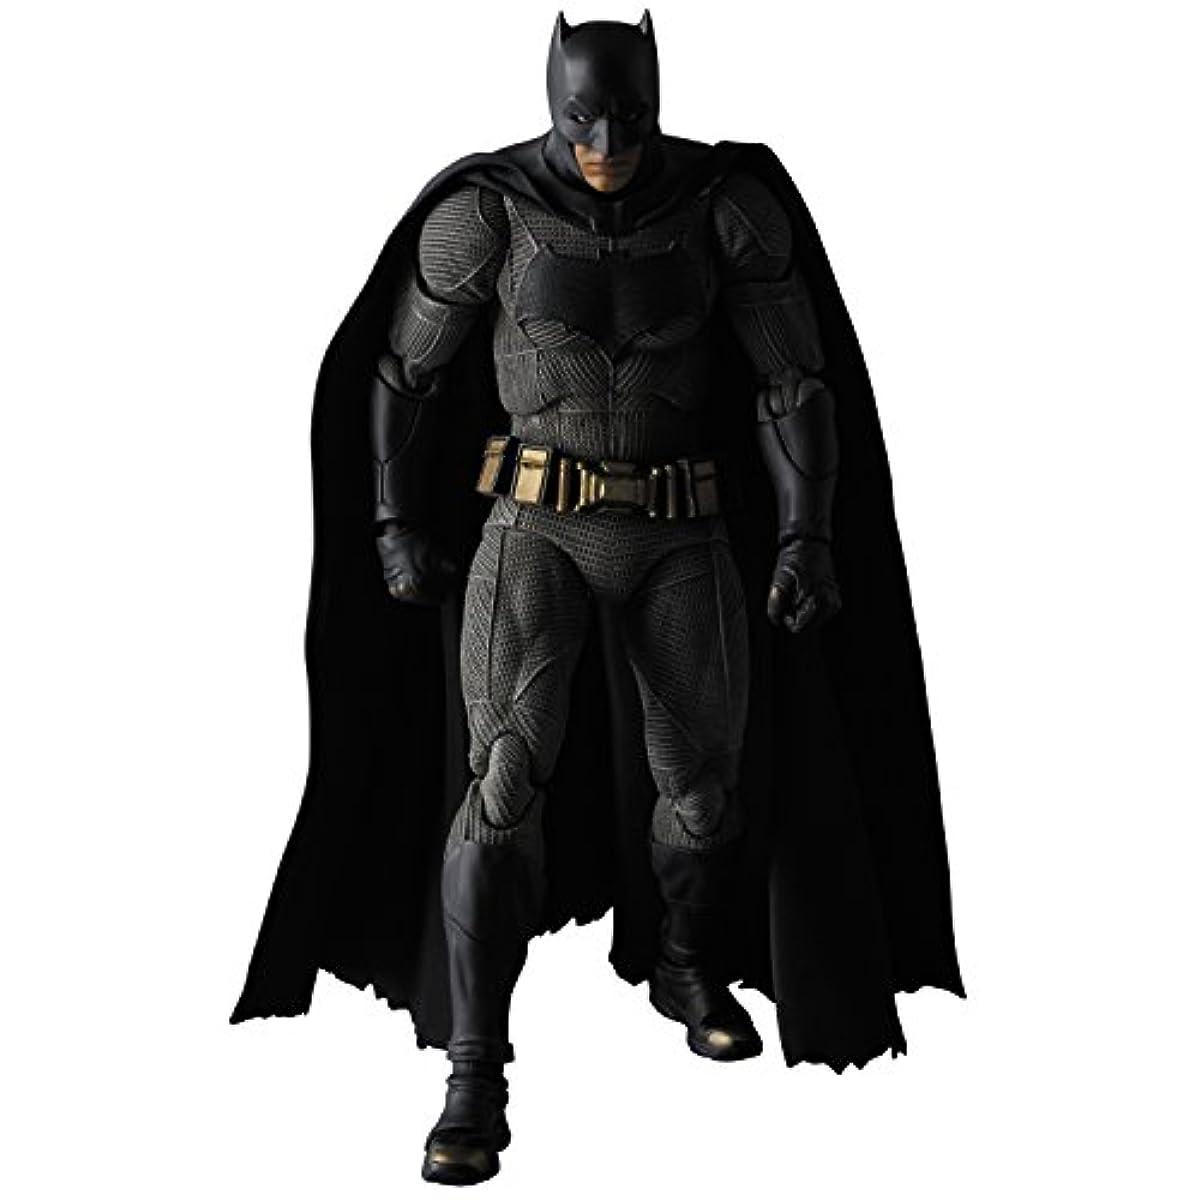 [해외] MAFEX 마펙스 BATMAN 배트맨 『배트맨 VS 슈퍼맨 저스티스의 탄생』non-scale ABS&ATBC-PVC도색완성품 액션 피규어